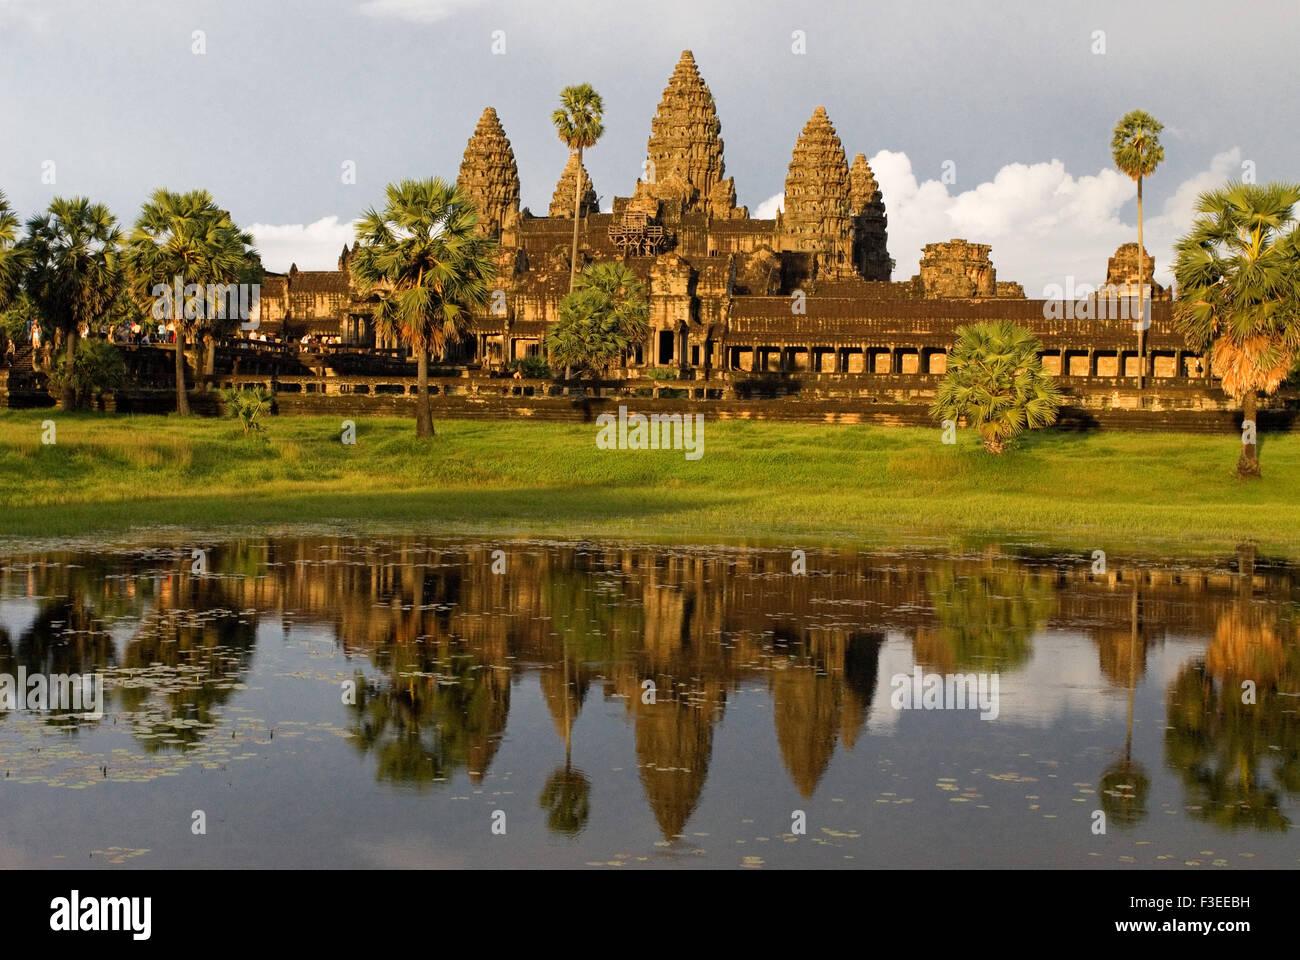 Templo de Angkor Wat. Los templos de Angkor son estructuras altamente simbólico. El principal concepto hindú Imagen De Stock